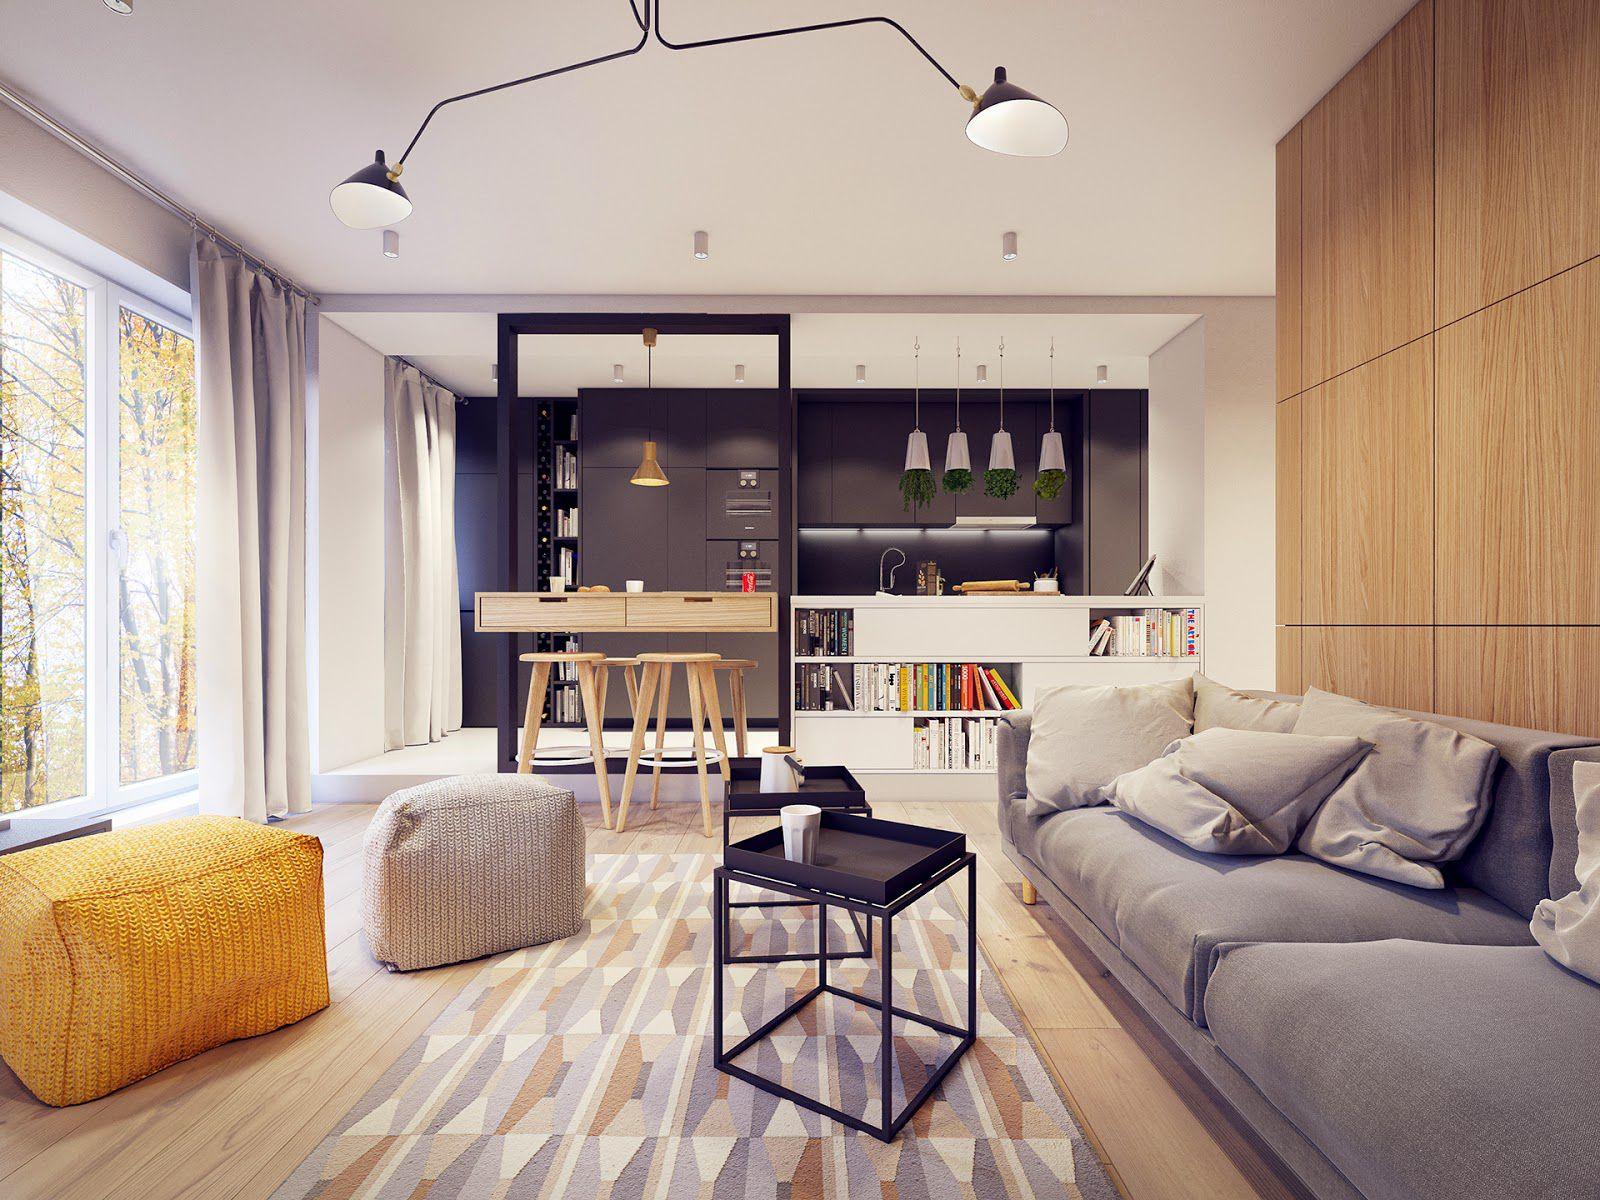 Дизайна интерьера квартир в современном стиле